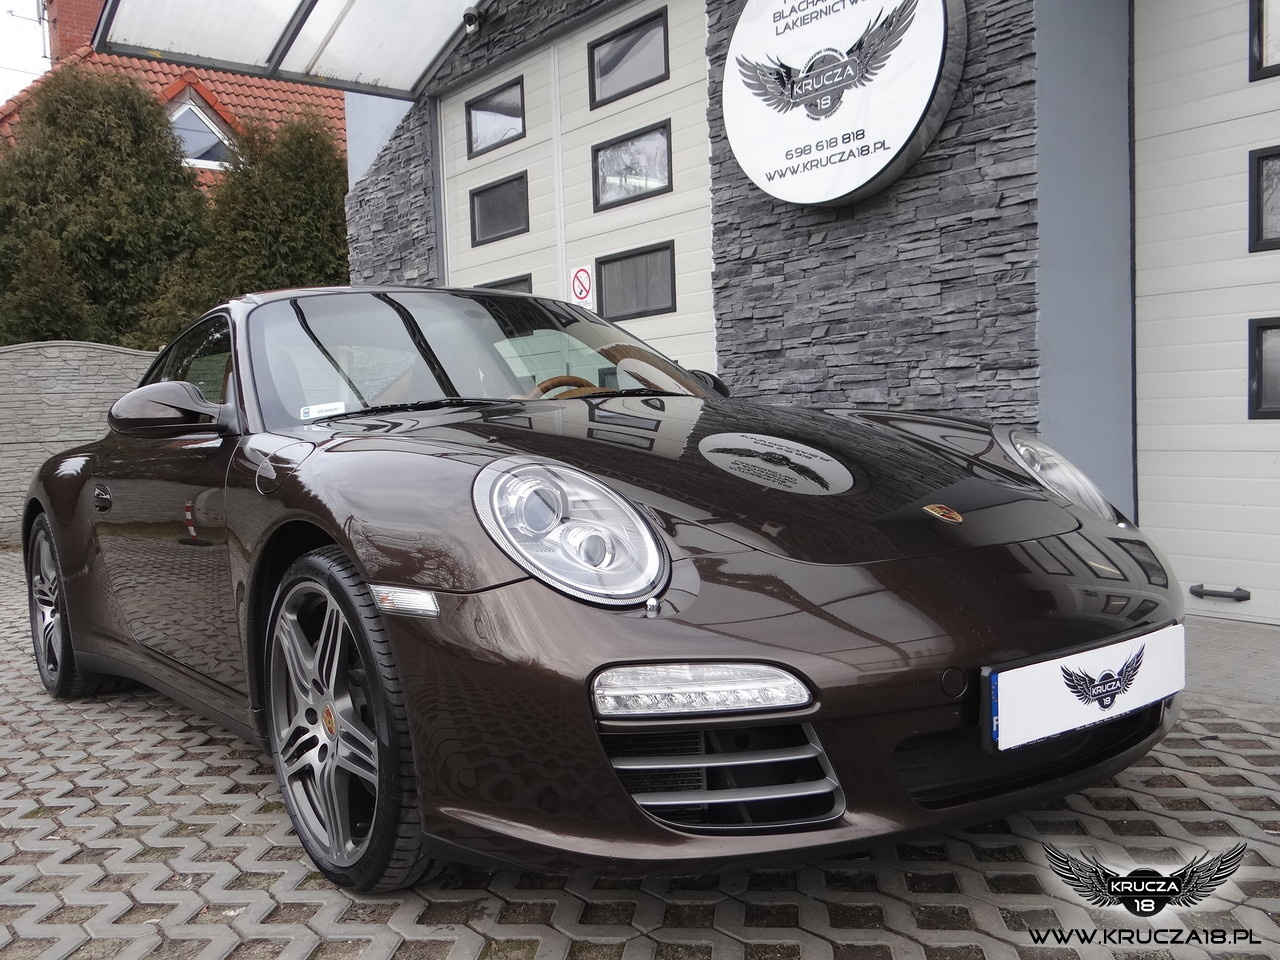 Porsche 911 Carrera 4S w kolorze macadamia  - Powłoka ochronna Ceramic Pro Strong 9H